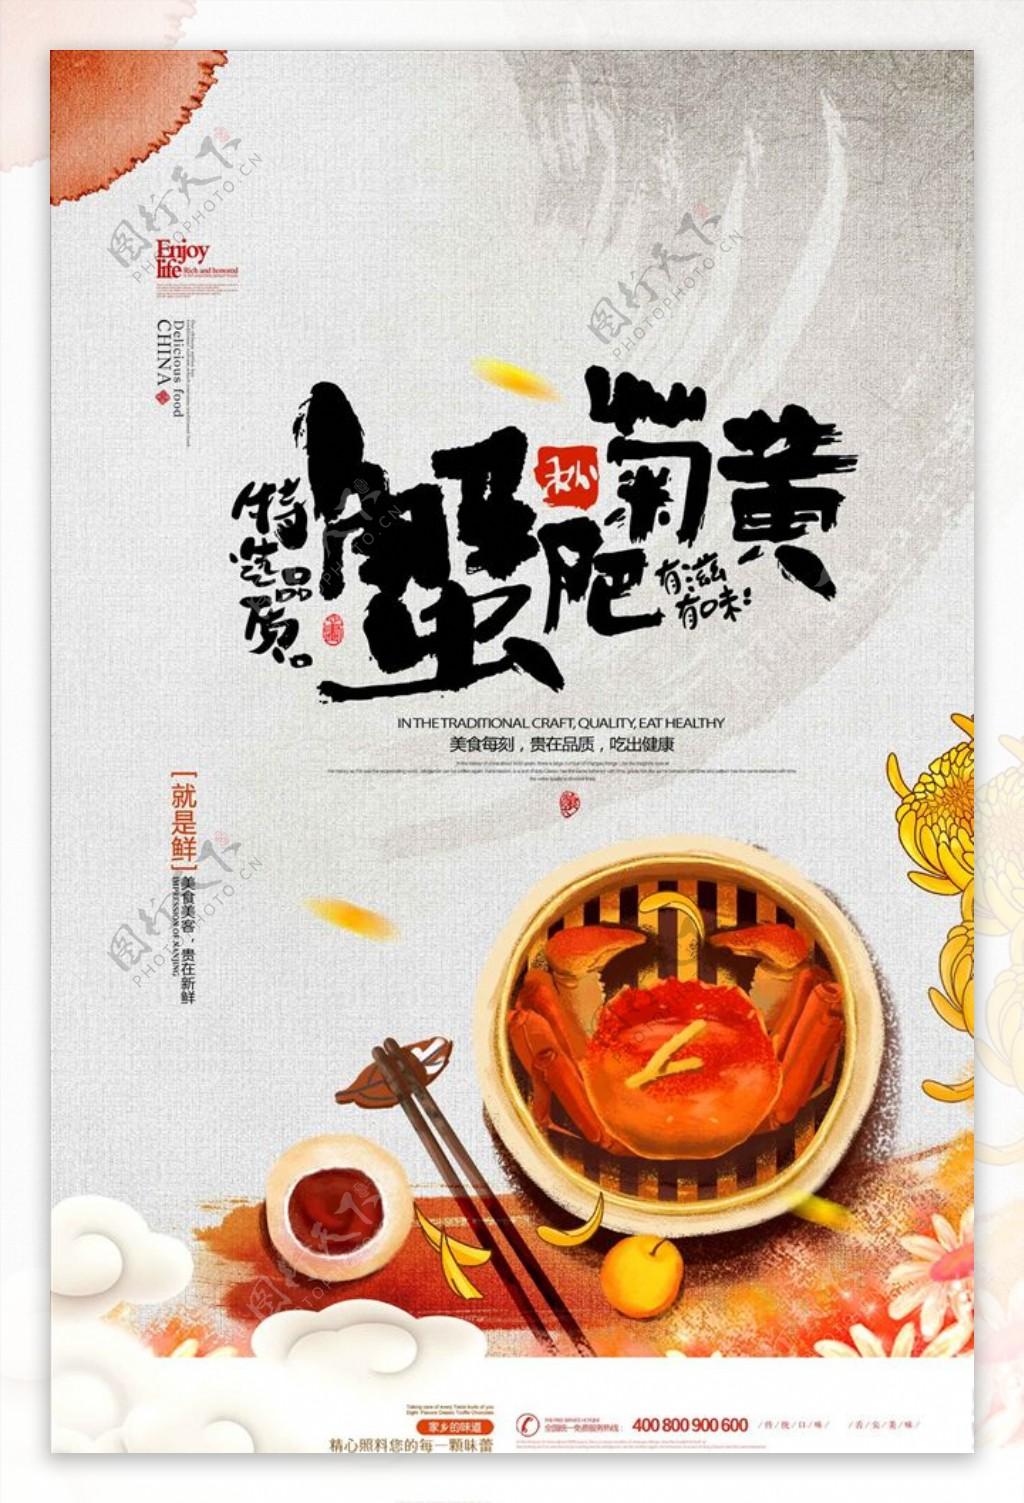 蟹肥菊黄螃蟹水墨中国风秋季美食